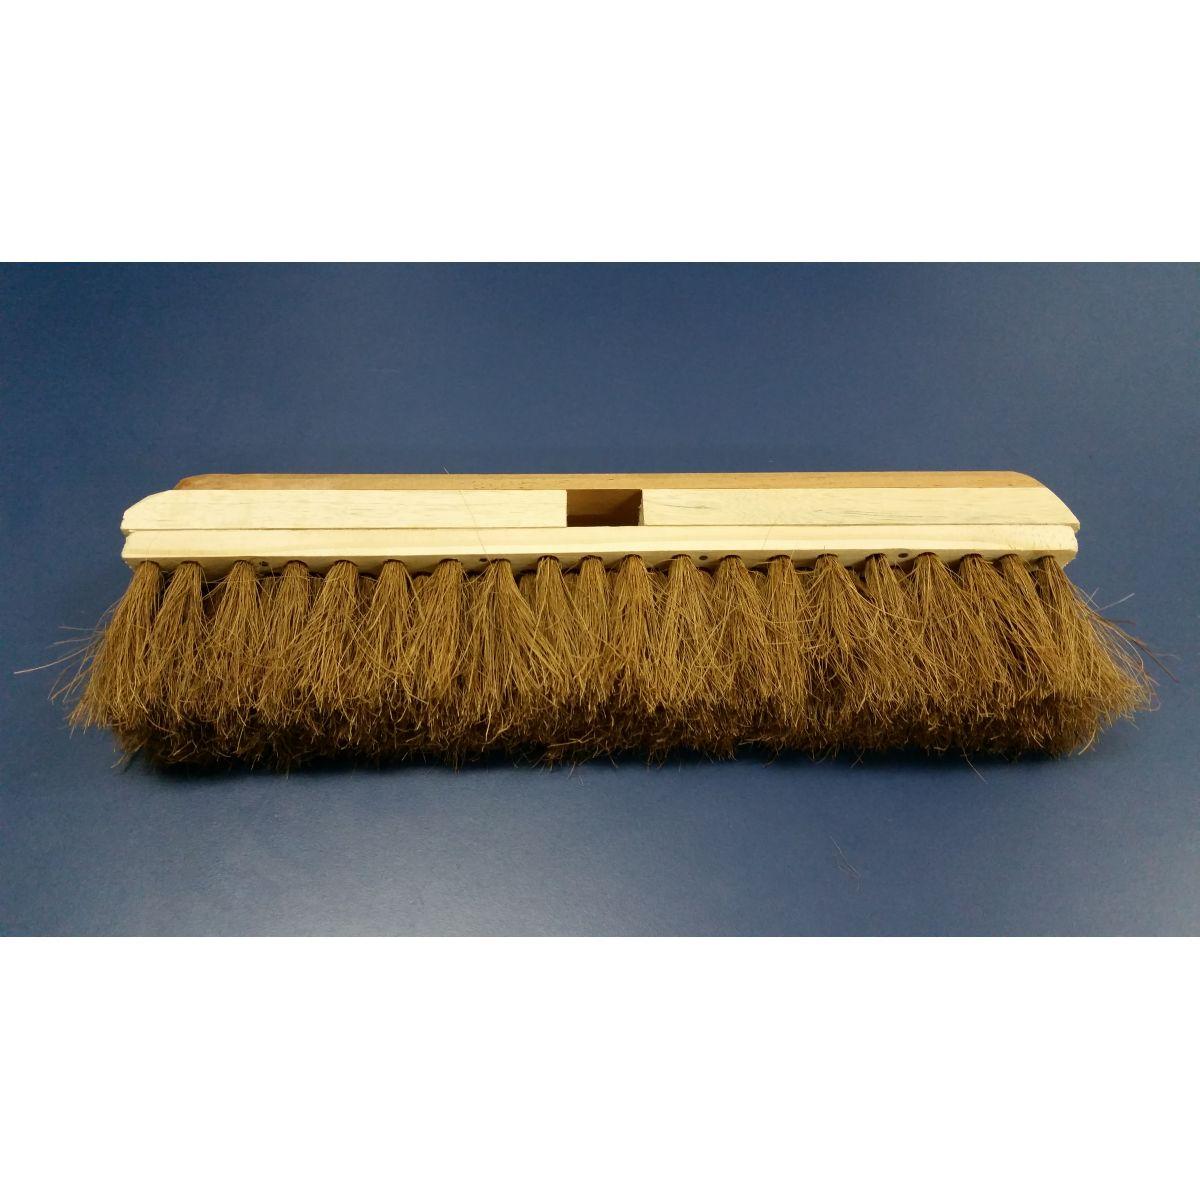 Veja aqui um produto que ira lhe auxiliar na limpeza da sua bancada !!! 50_1_20140913214106